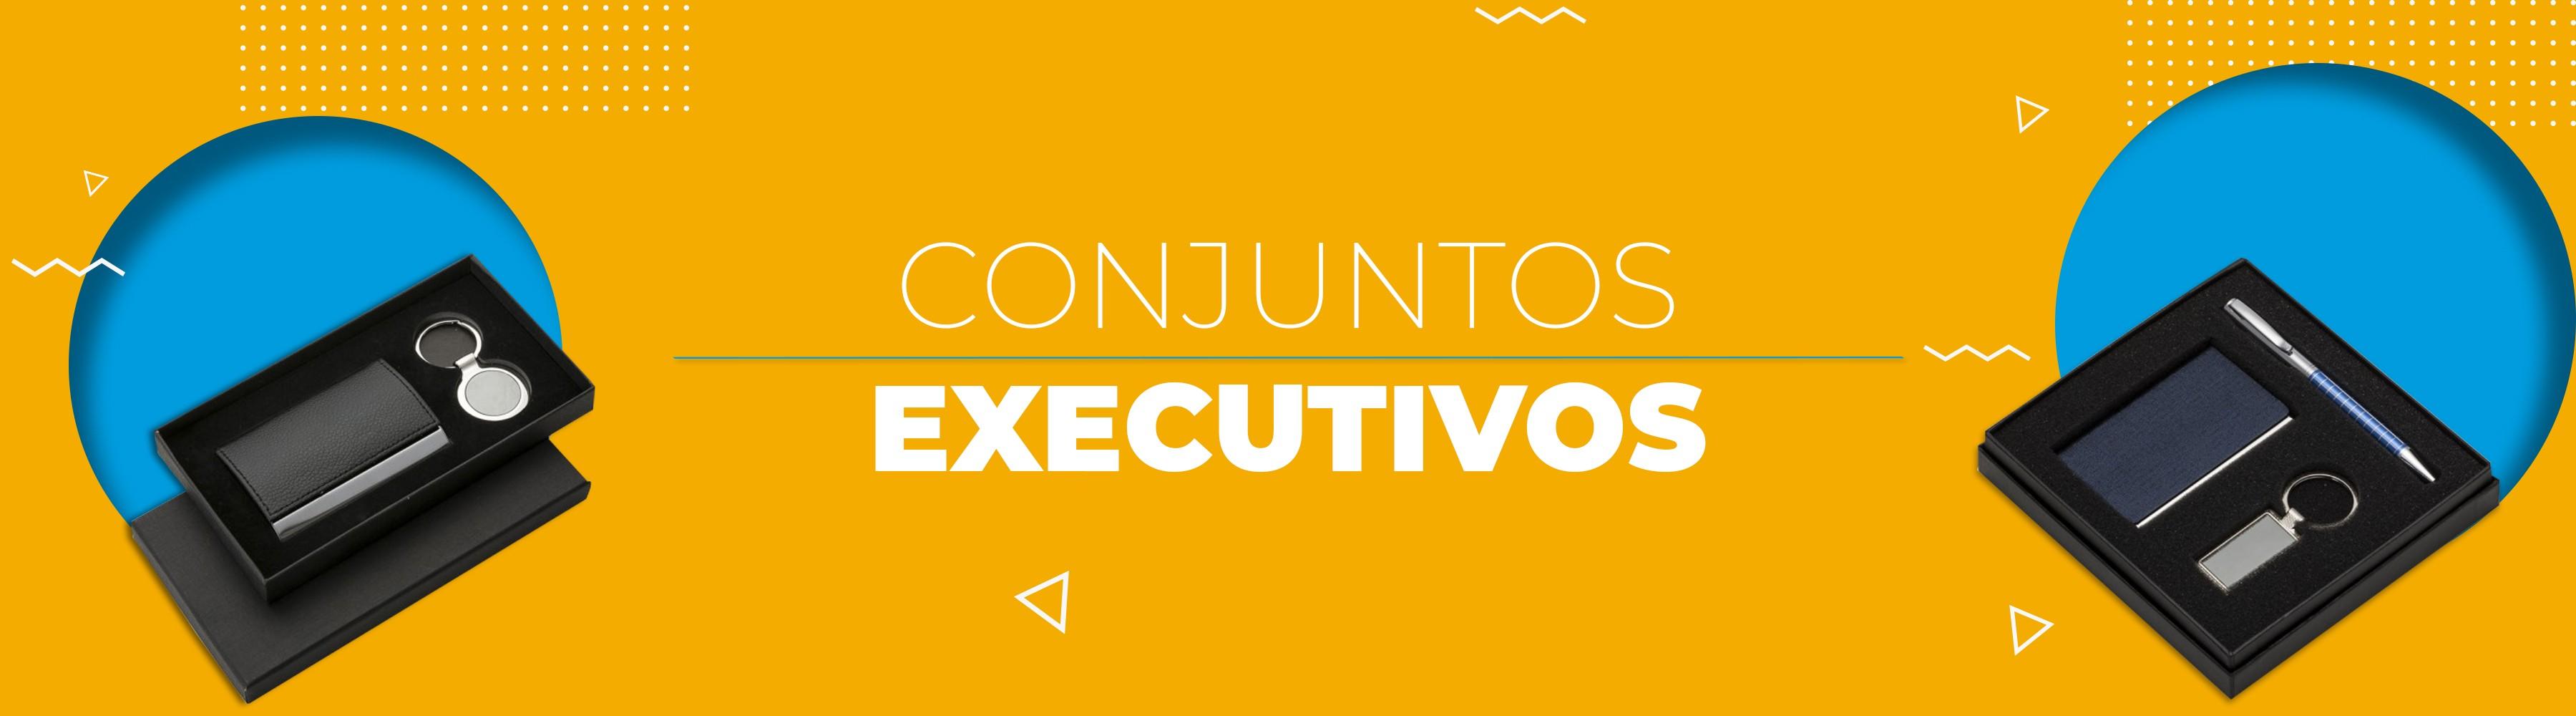 Conjuntos Executivos